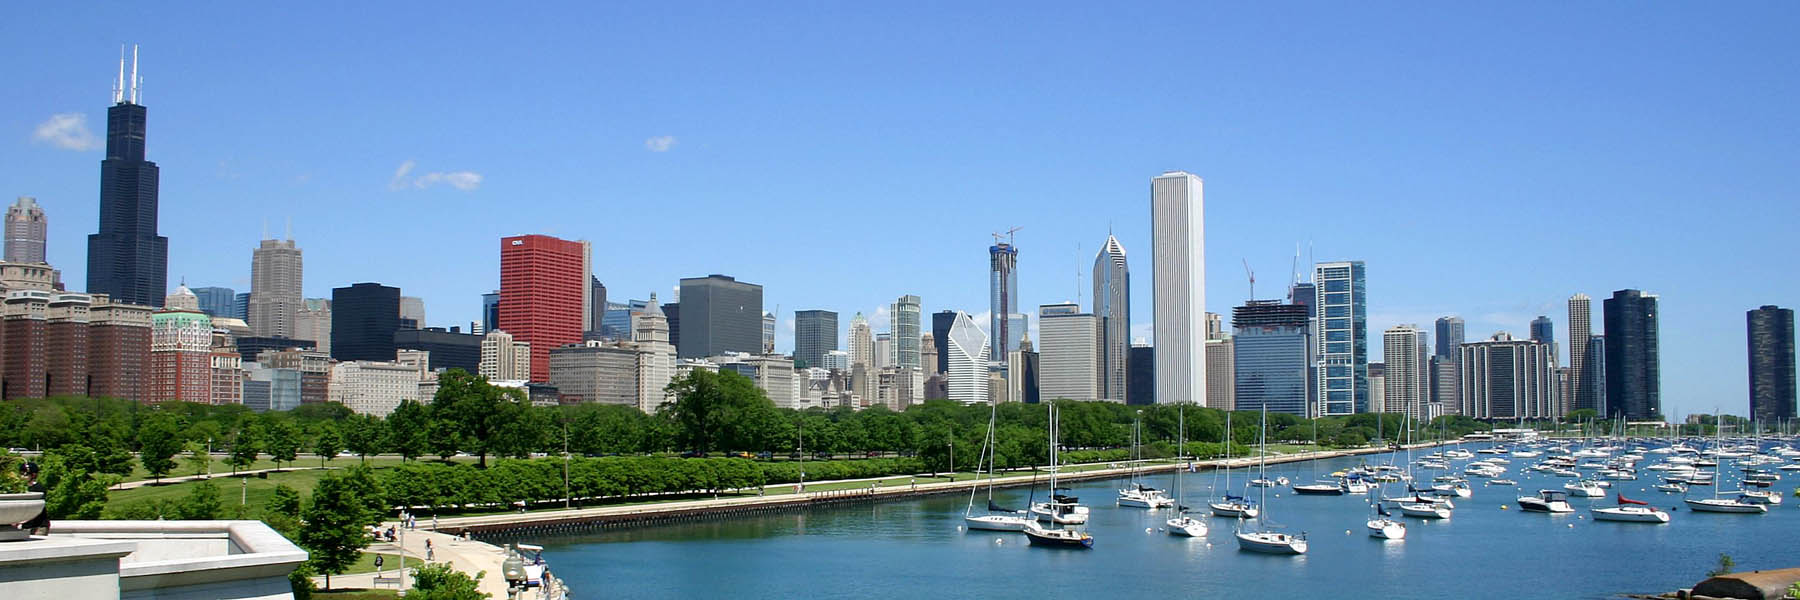 2008-06-10_3000x1000_chicago_skyline